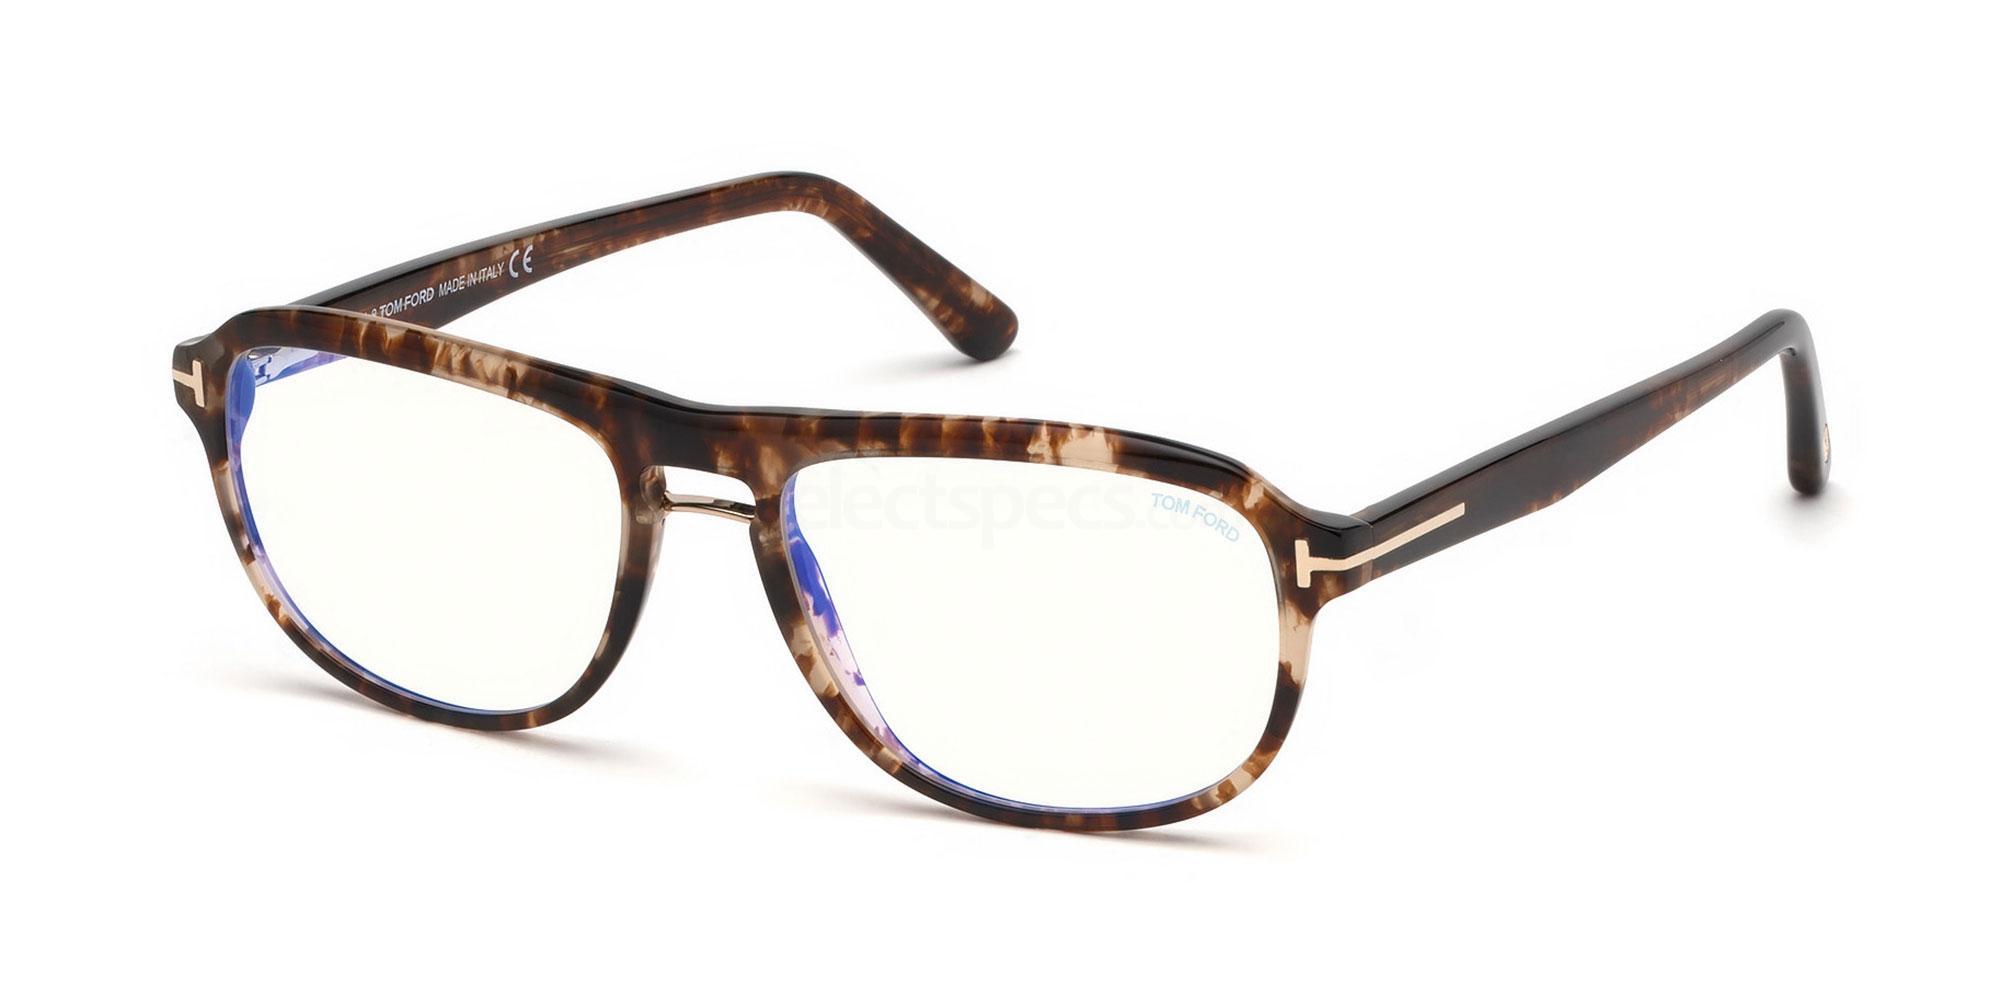 054 FT5538-B Glasses, Tom Ford